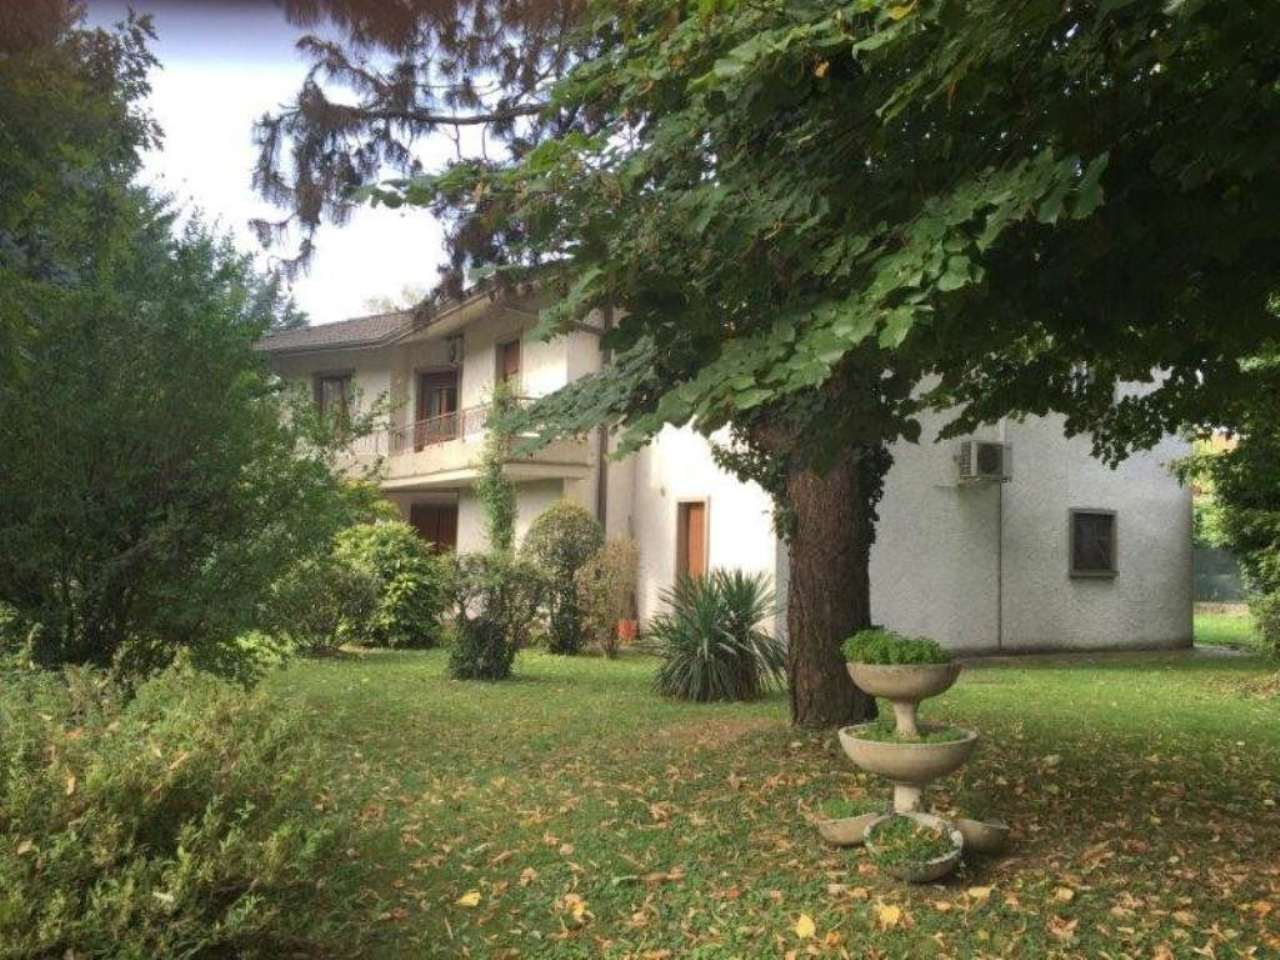 Villa in vendita a Pandino, 8 locali, prezzo € 350.000 | Cambio Casa.it